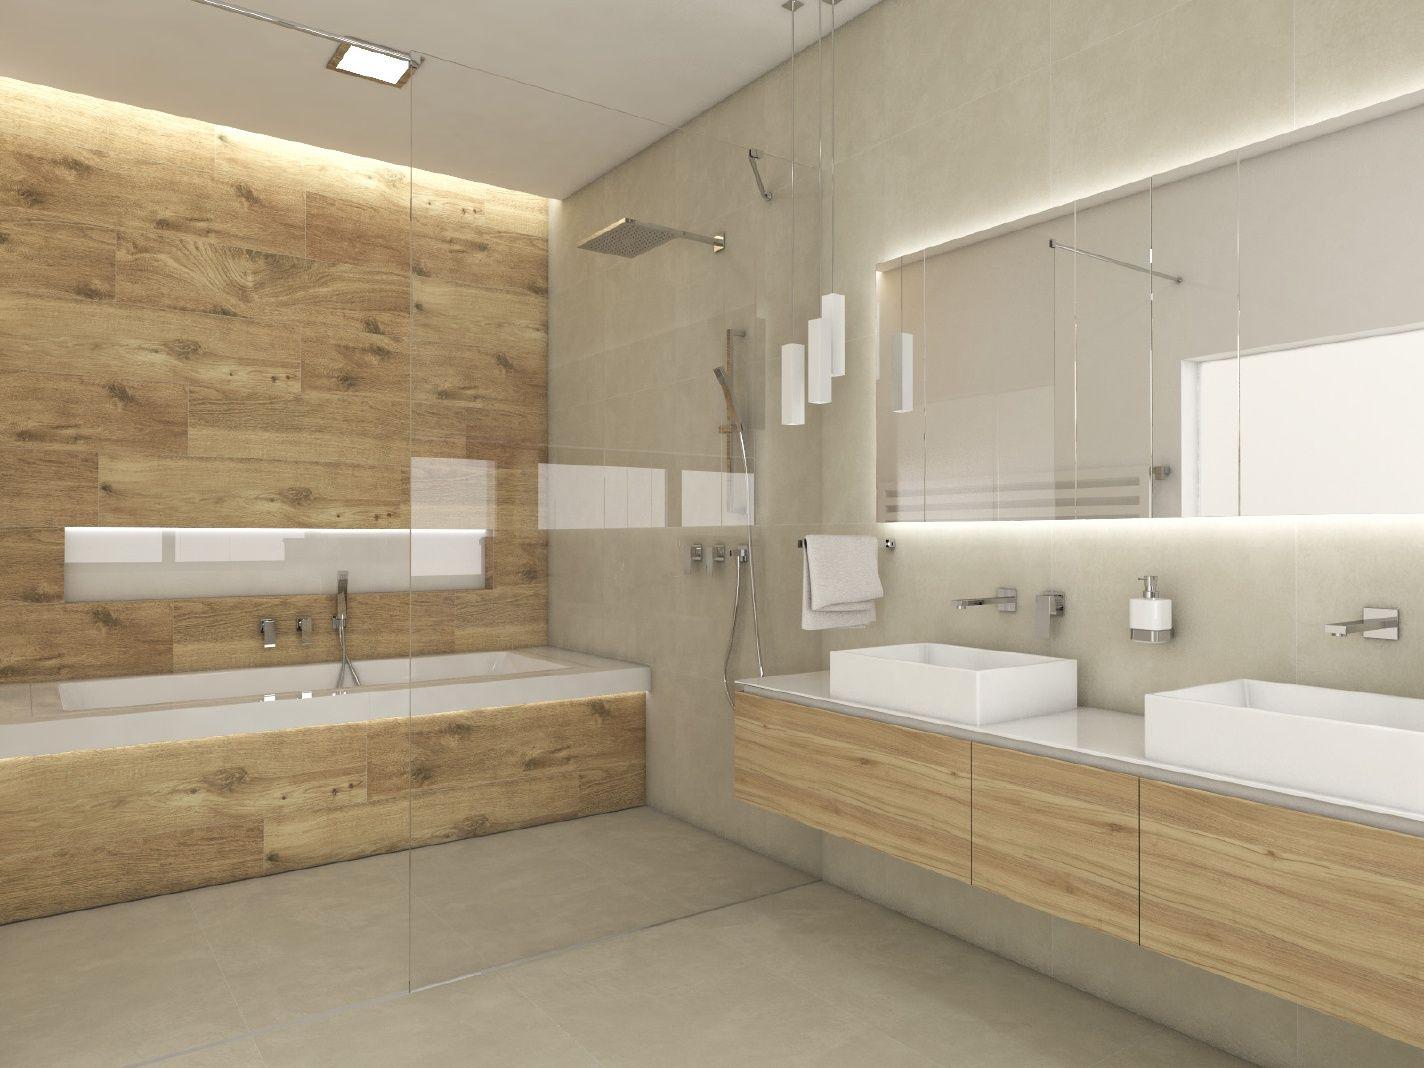 Moderní koupelna SAND - Pohled od vstupu - denní | Bathroom ... | {Badezimmer modernes design 27}